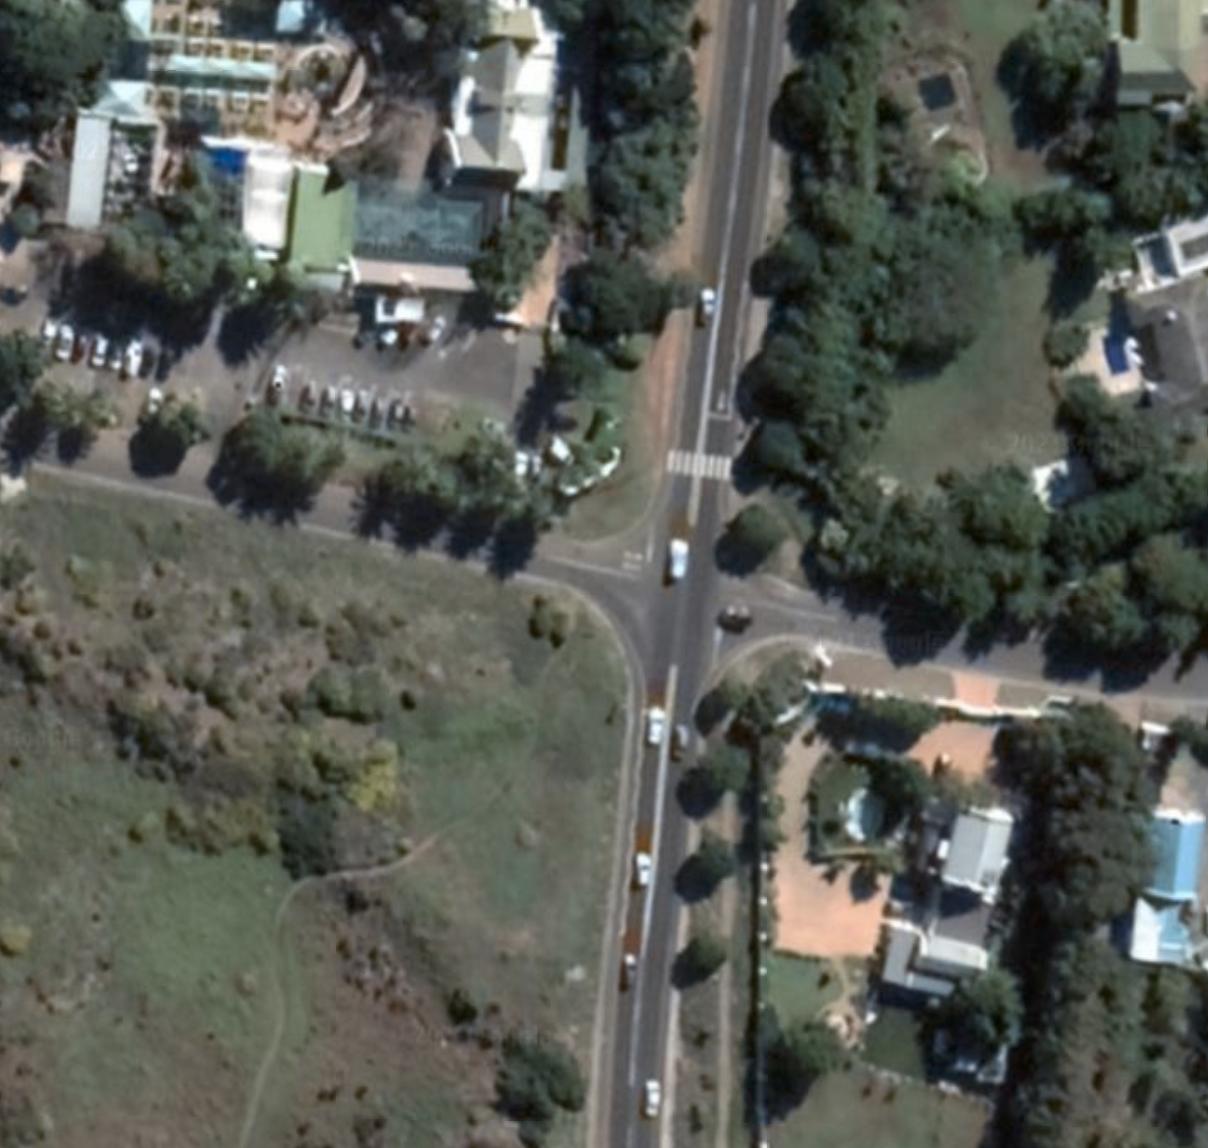 Easy way to report incidents: Noordhoek Main Road zebra crossing